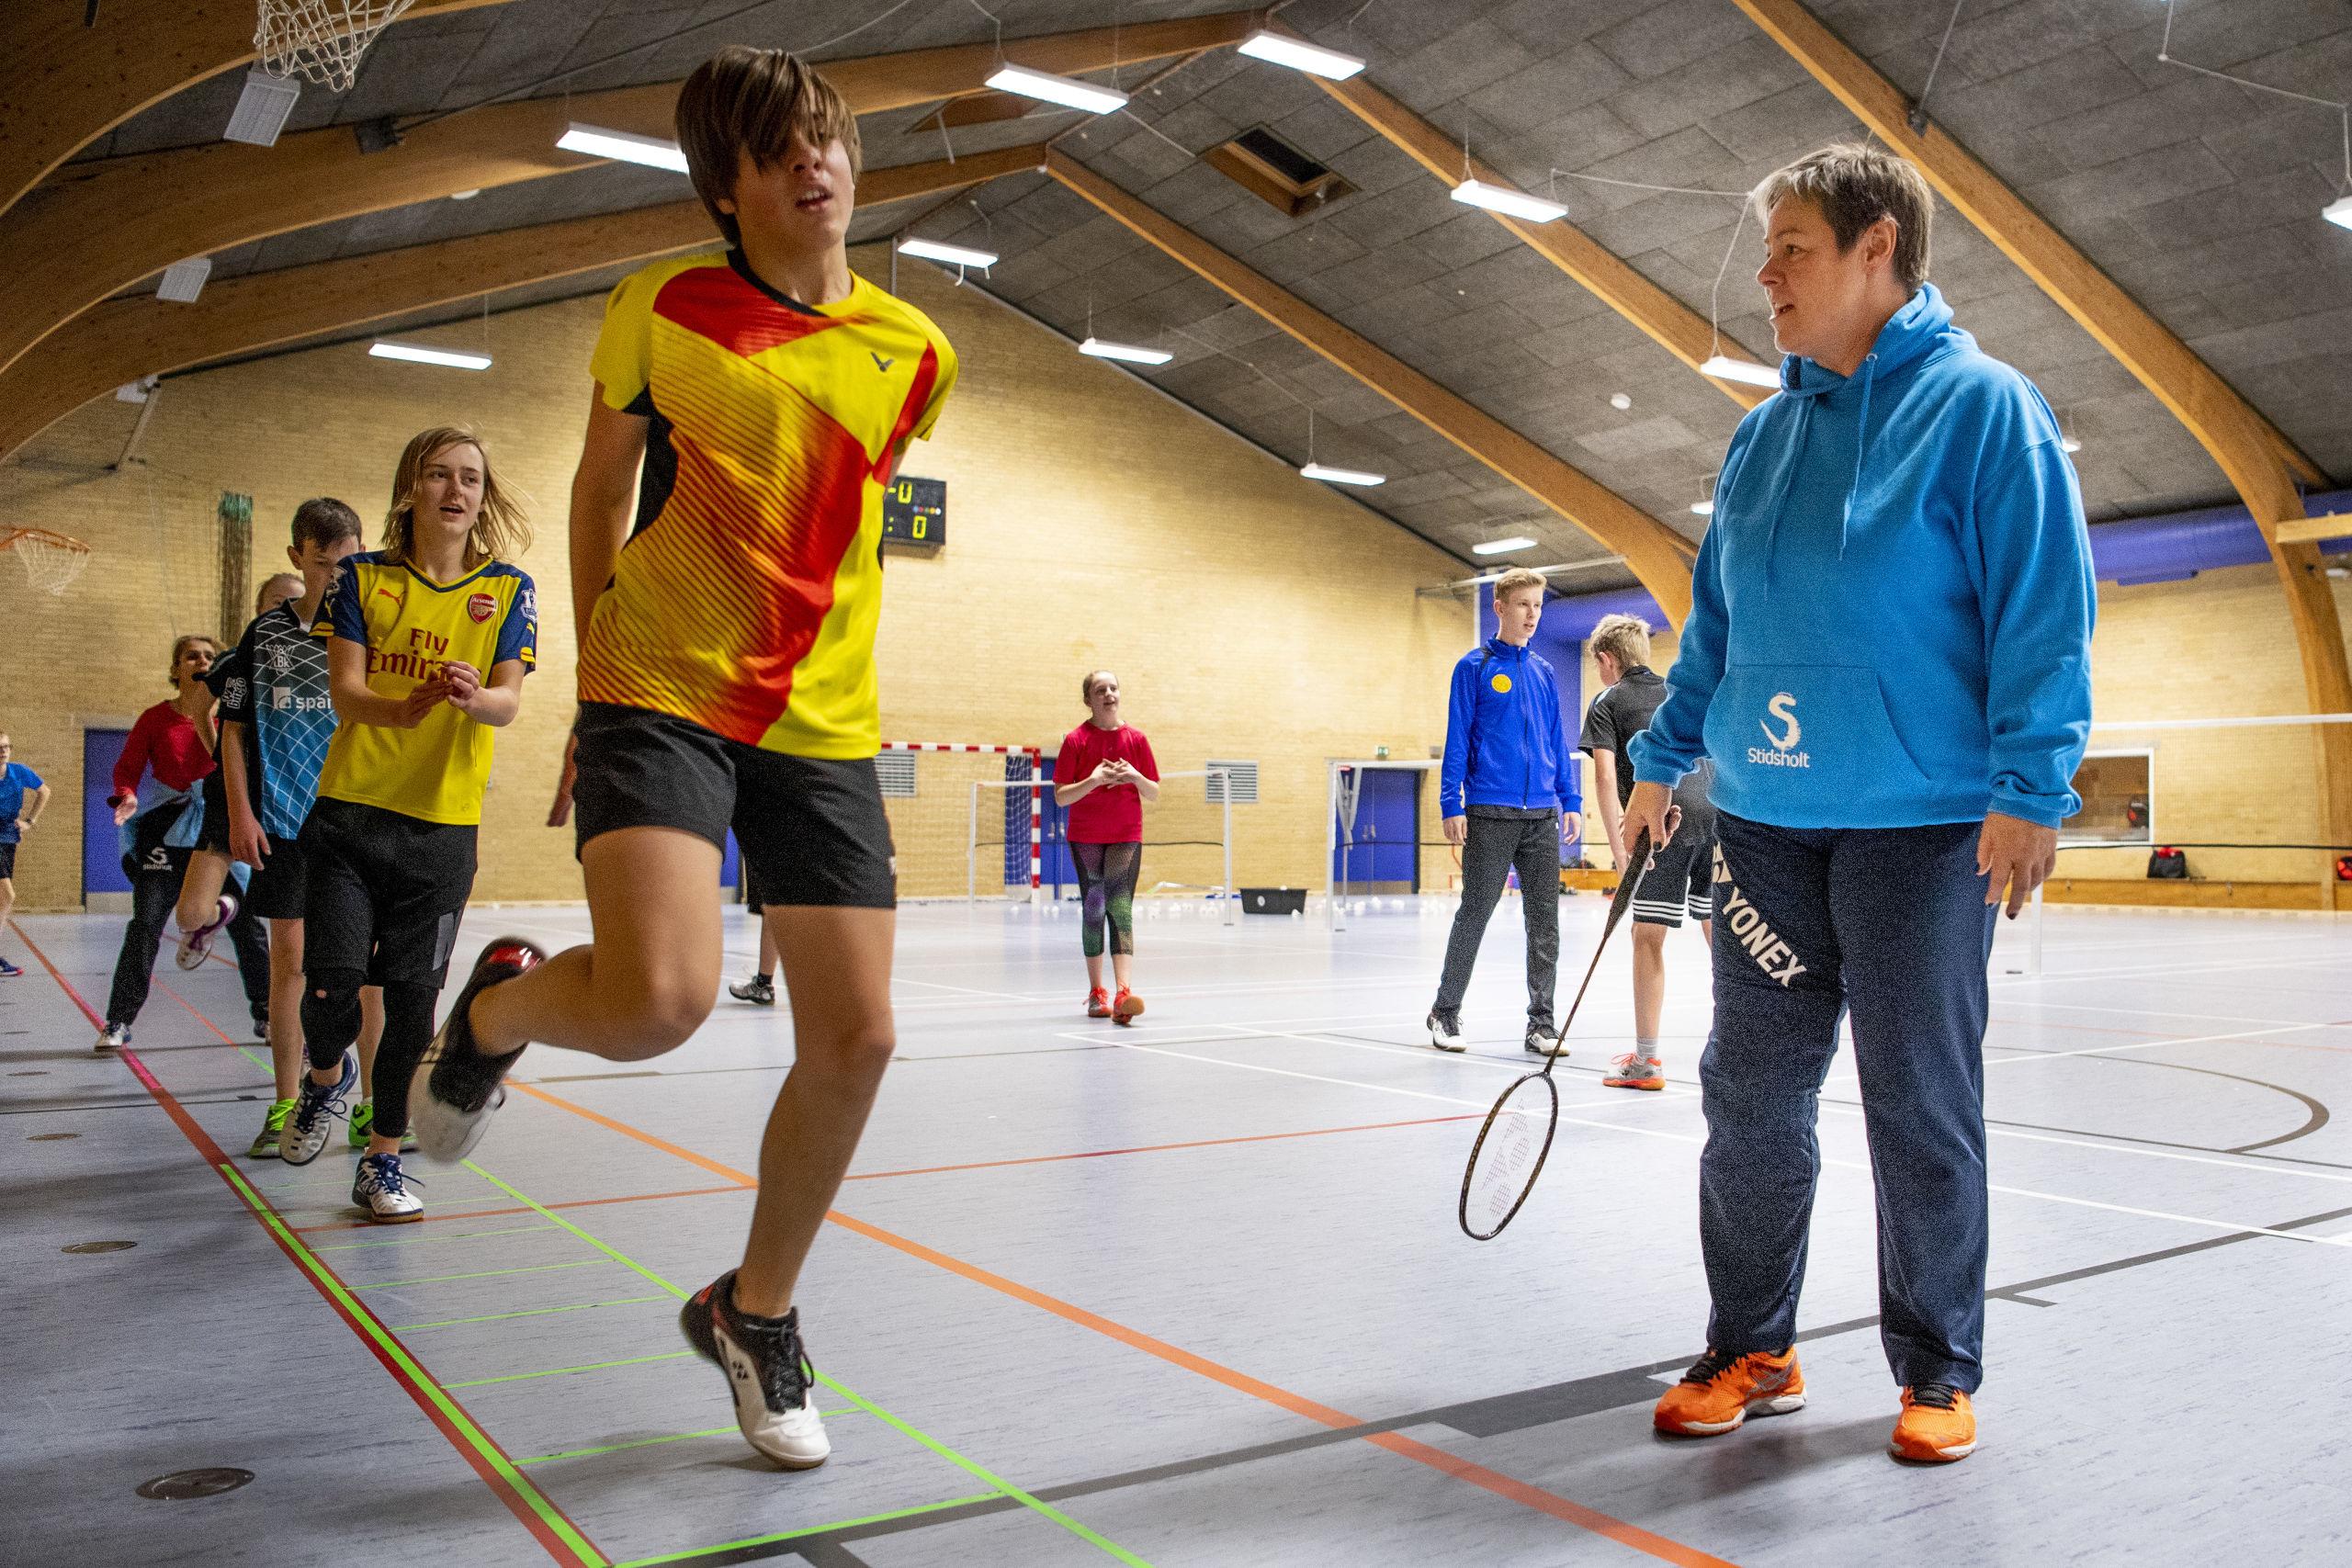 Gitte Paulsen er vild med at spille tennis, og hun er i det hele taget meget glad for at komme i hallen. Foto: Andreas Falck